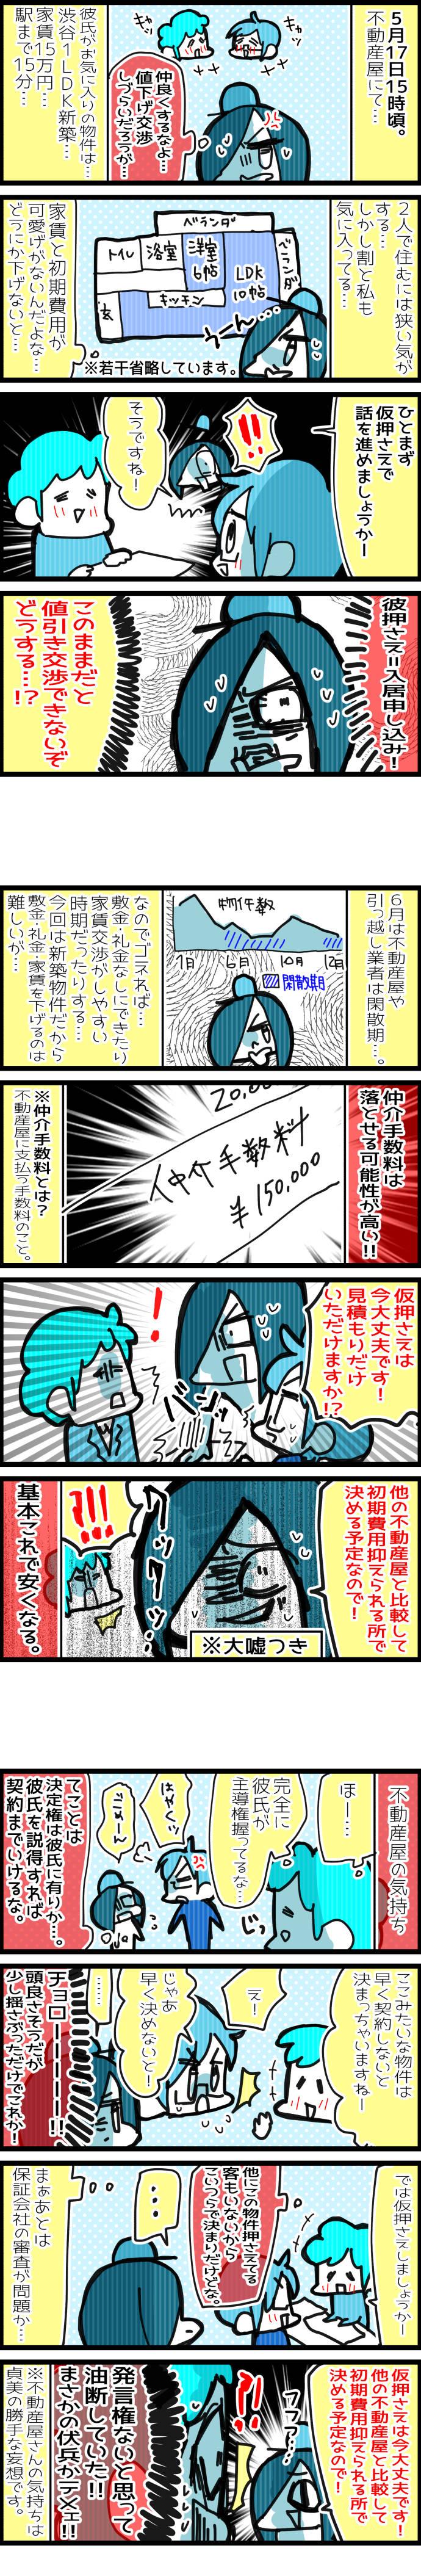 neetsadami.com_12話